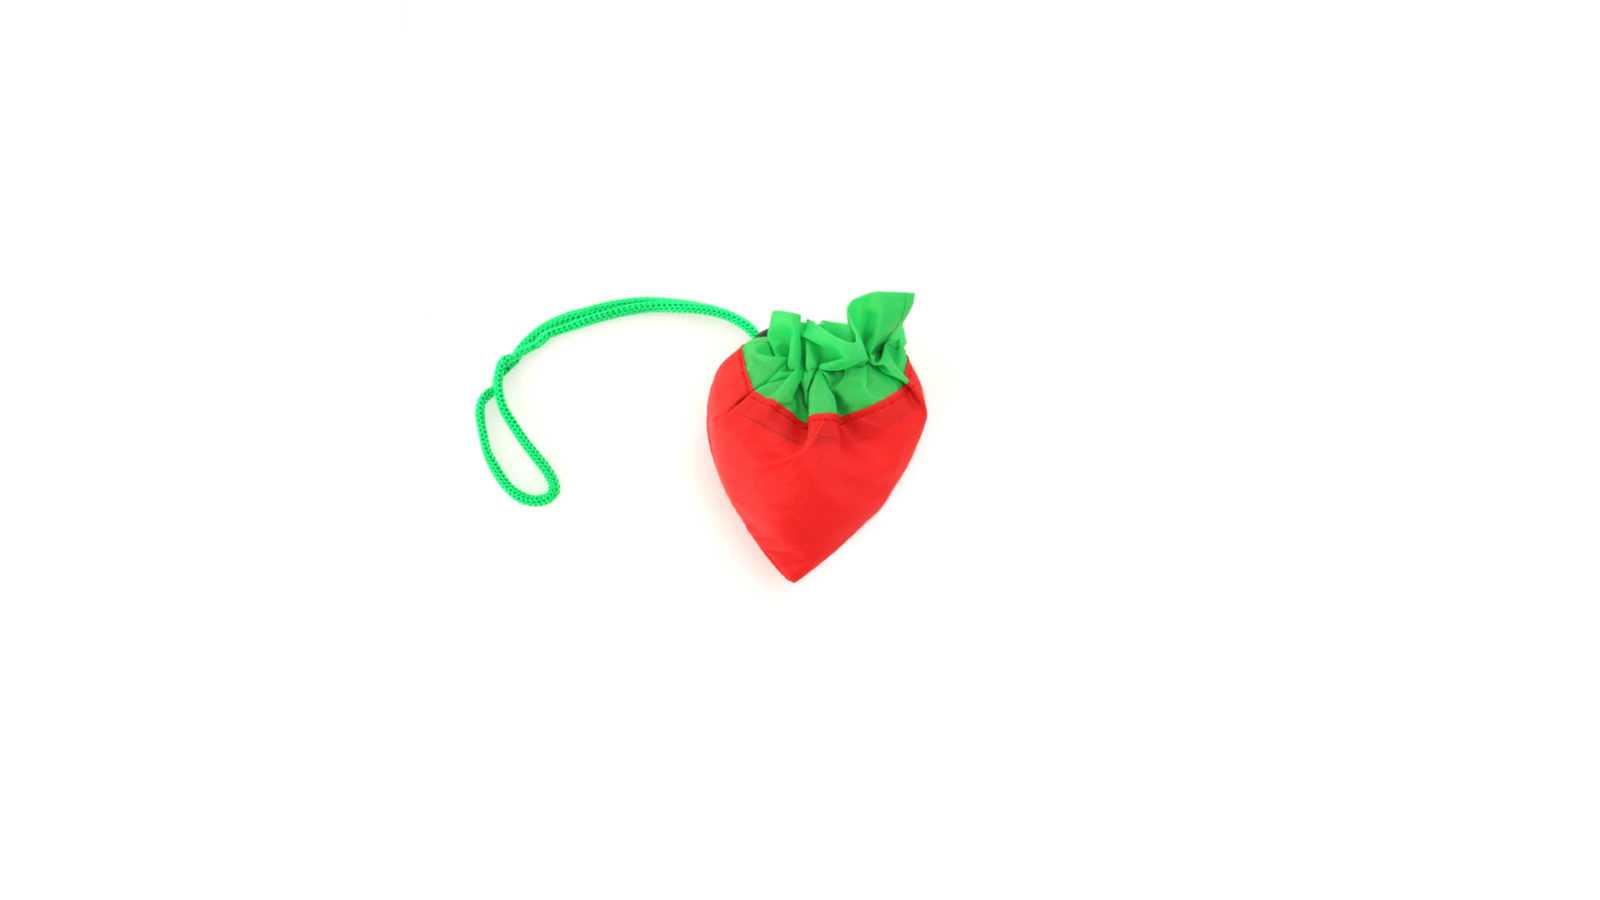 Bolsa plegable de divertidos diseños de frutas en llamativos colores. De tacto suave, con cordón y accesorio de ajuste.Medidas: 40x38 cmPeso: 22 gÁrea máxima de marcaje: 265x200 mmMaterial: Poliéster 190T